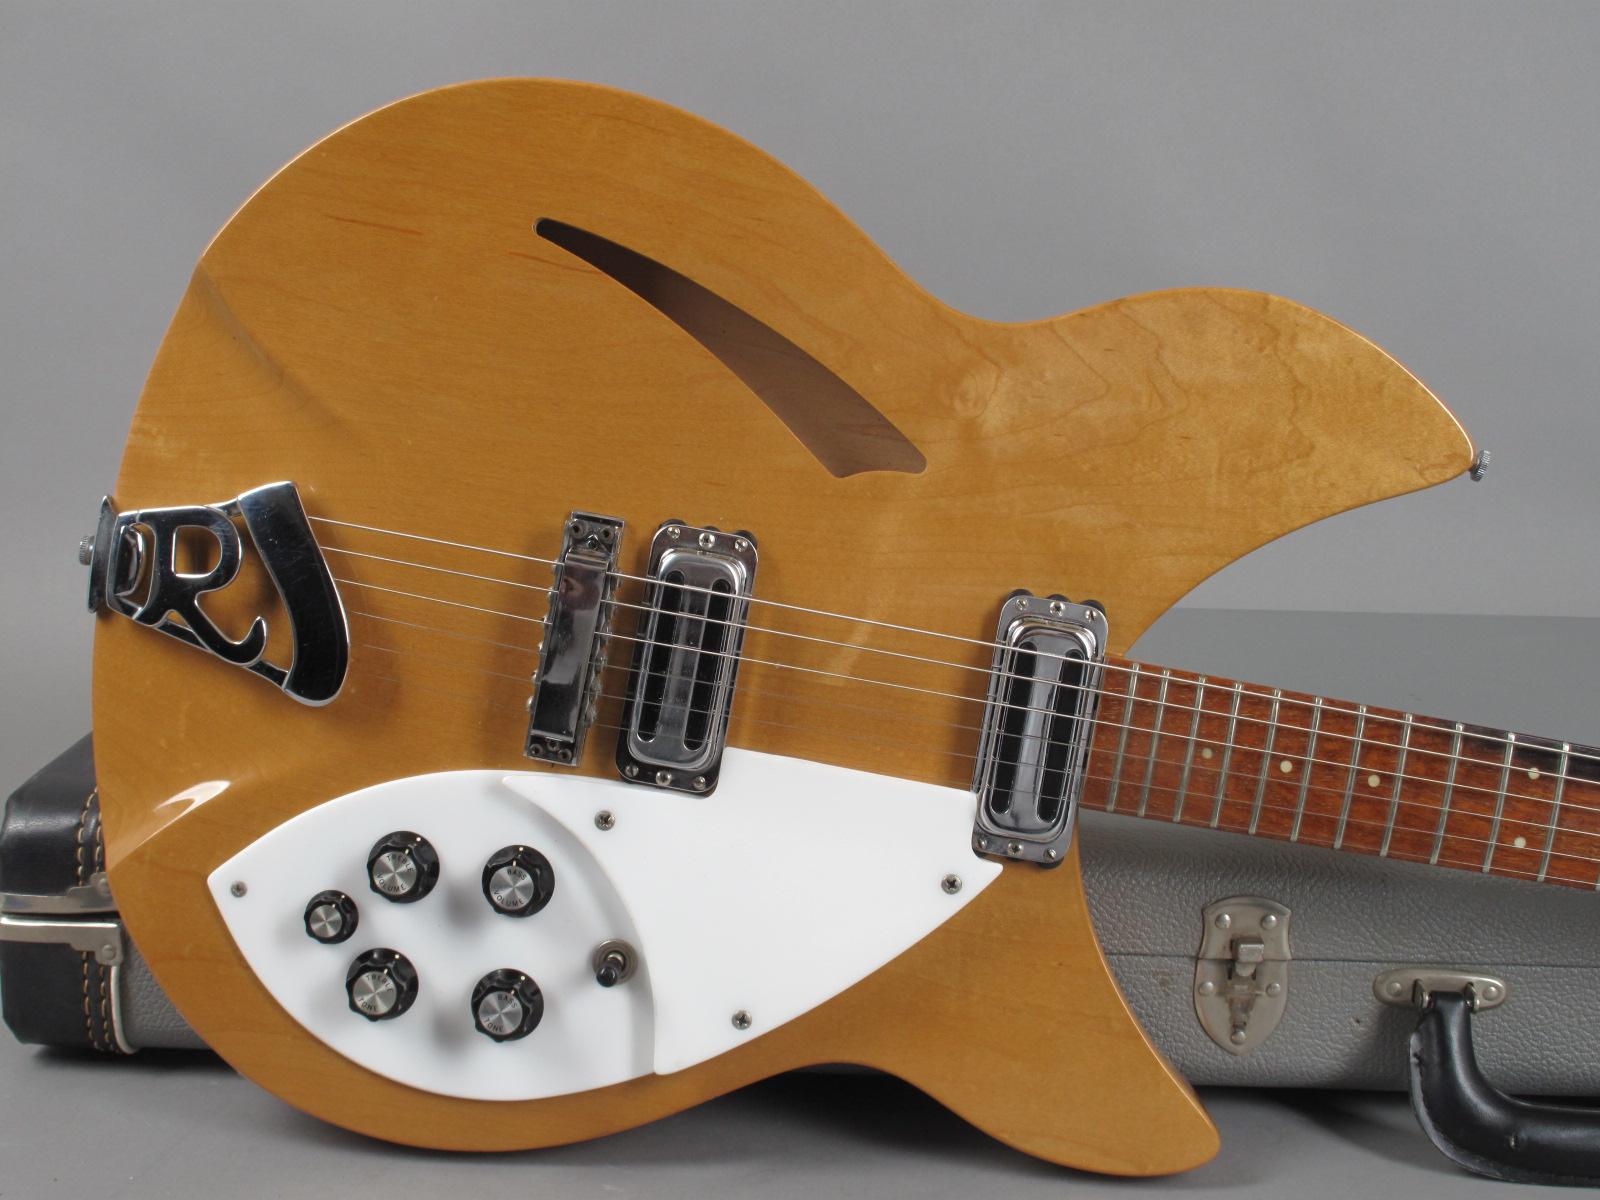 https://guitarpoint.de/app/uploads/products/1966-rickenbacker-330-mapleglo/1966-Rickenbacker-360-MG-FI3133-10.jpg